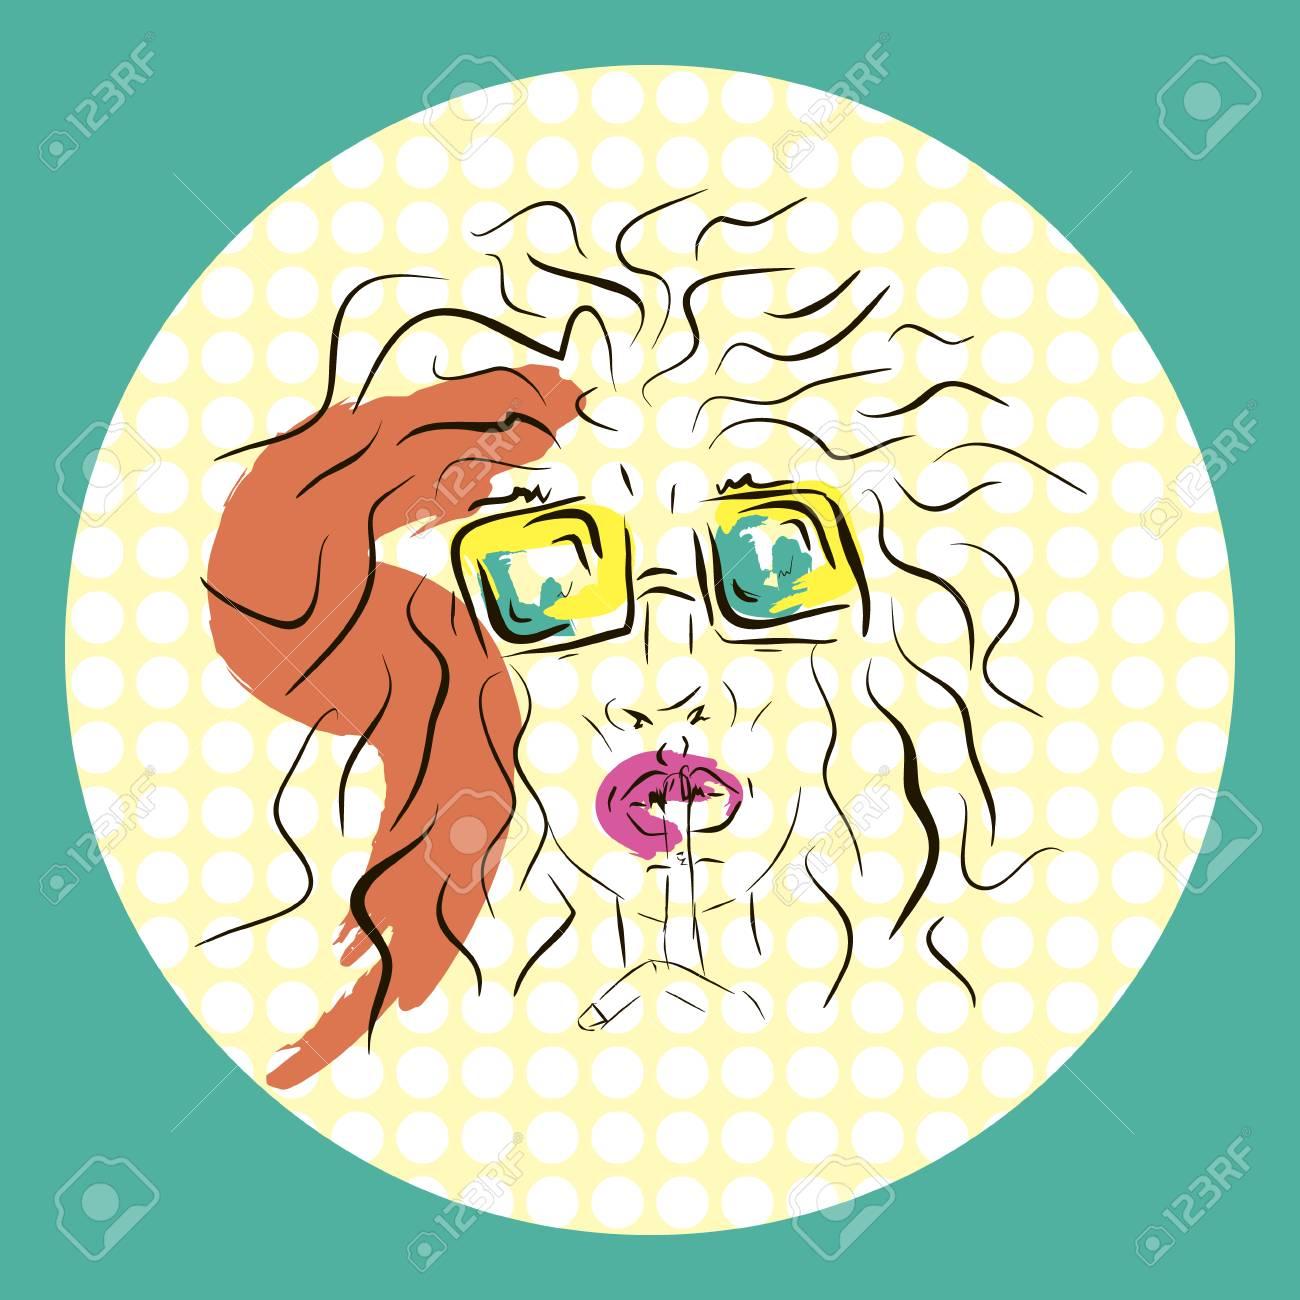 ベクトル少女顔のシンプルなイメージのイラストですスケッチ